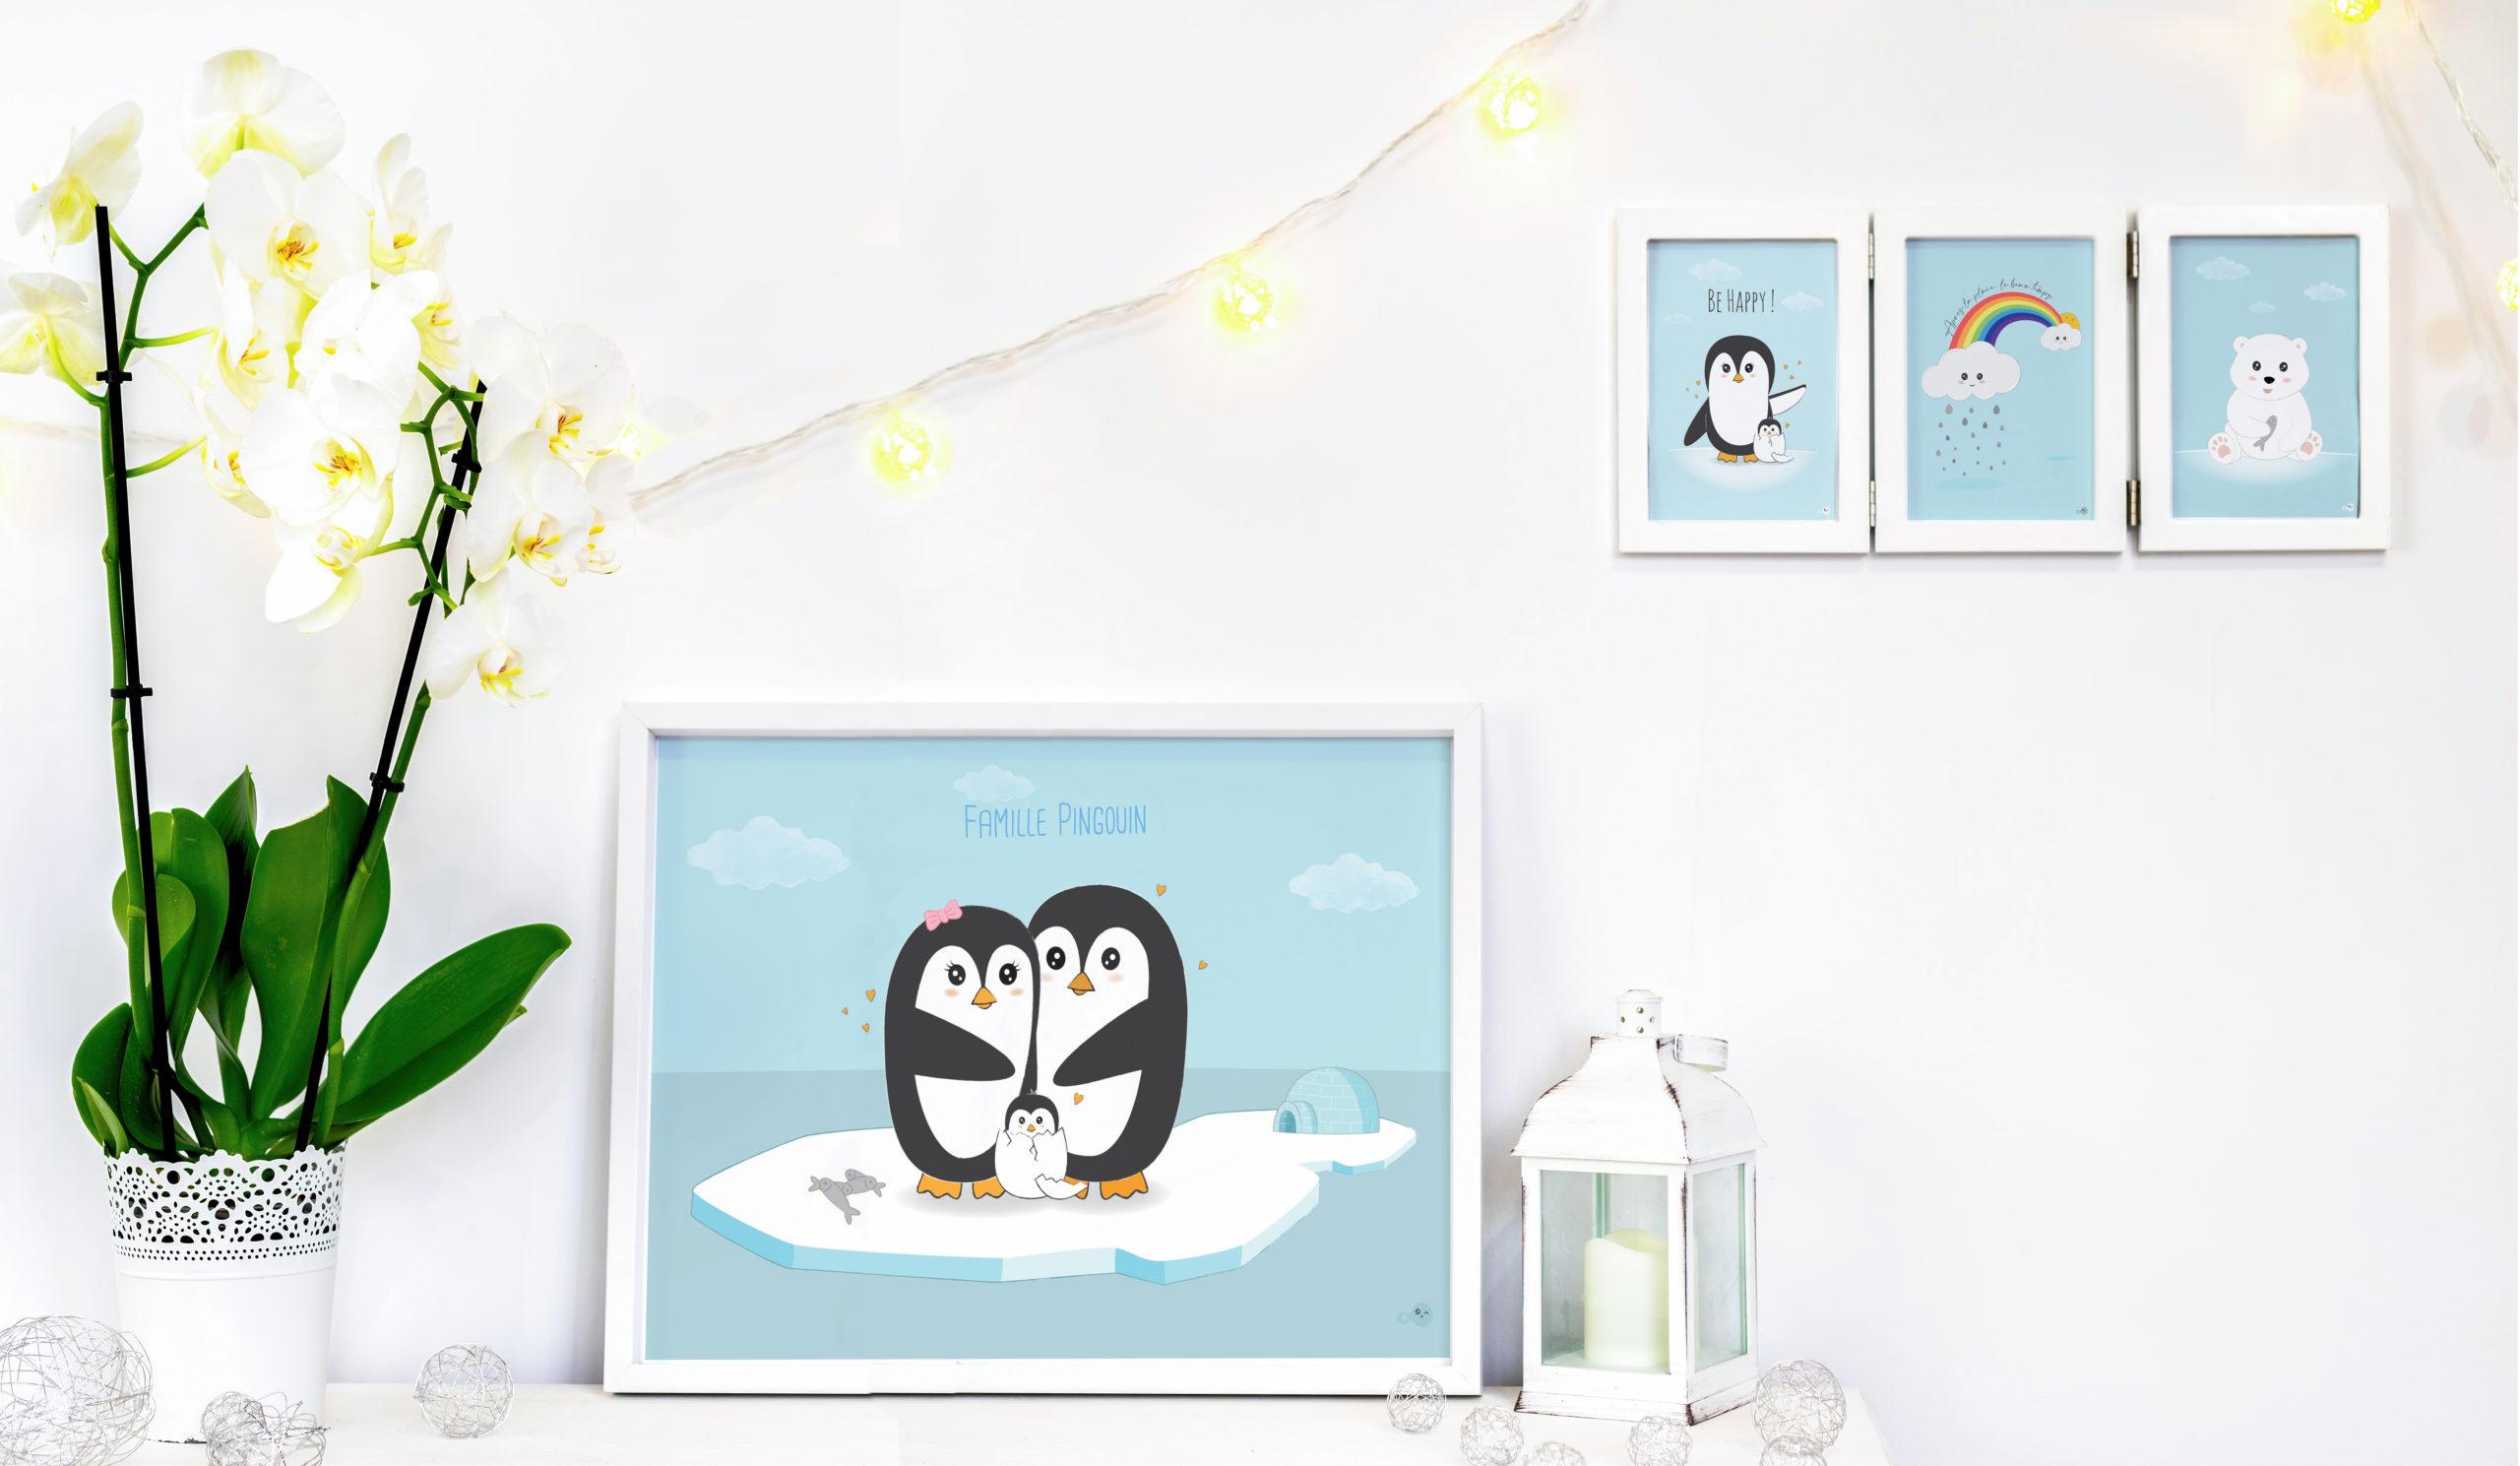 idée décoration cadre pingouin banquise chambre salon